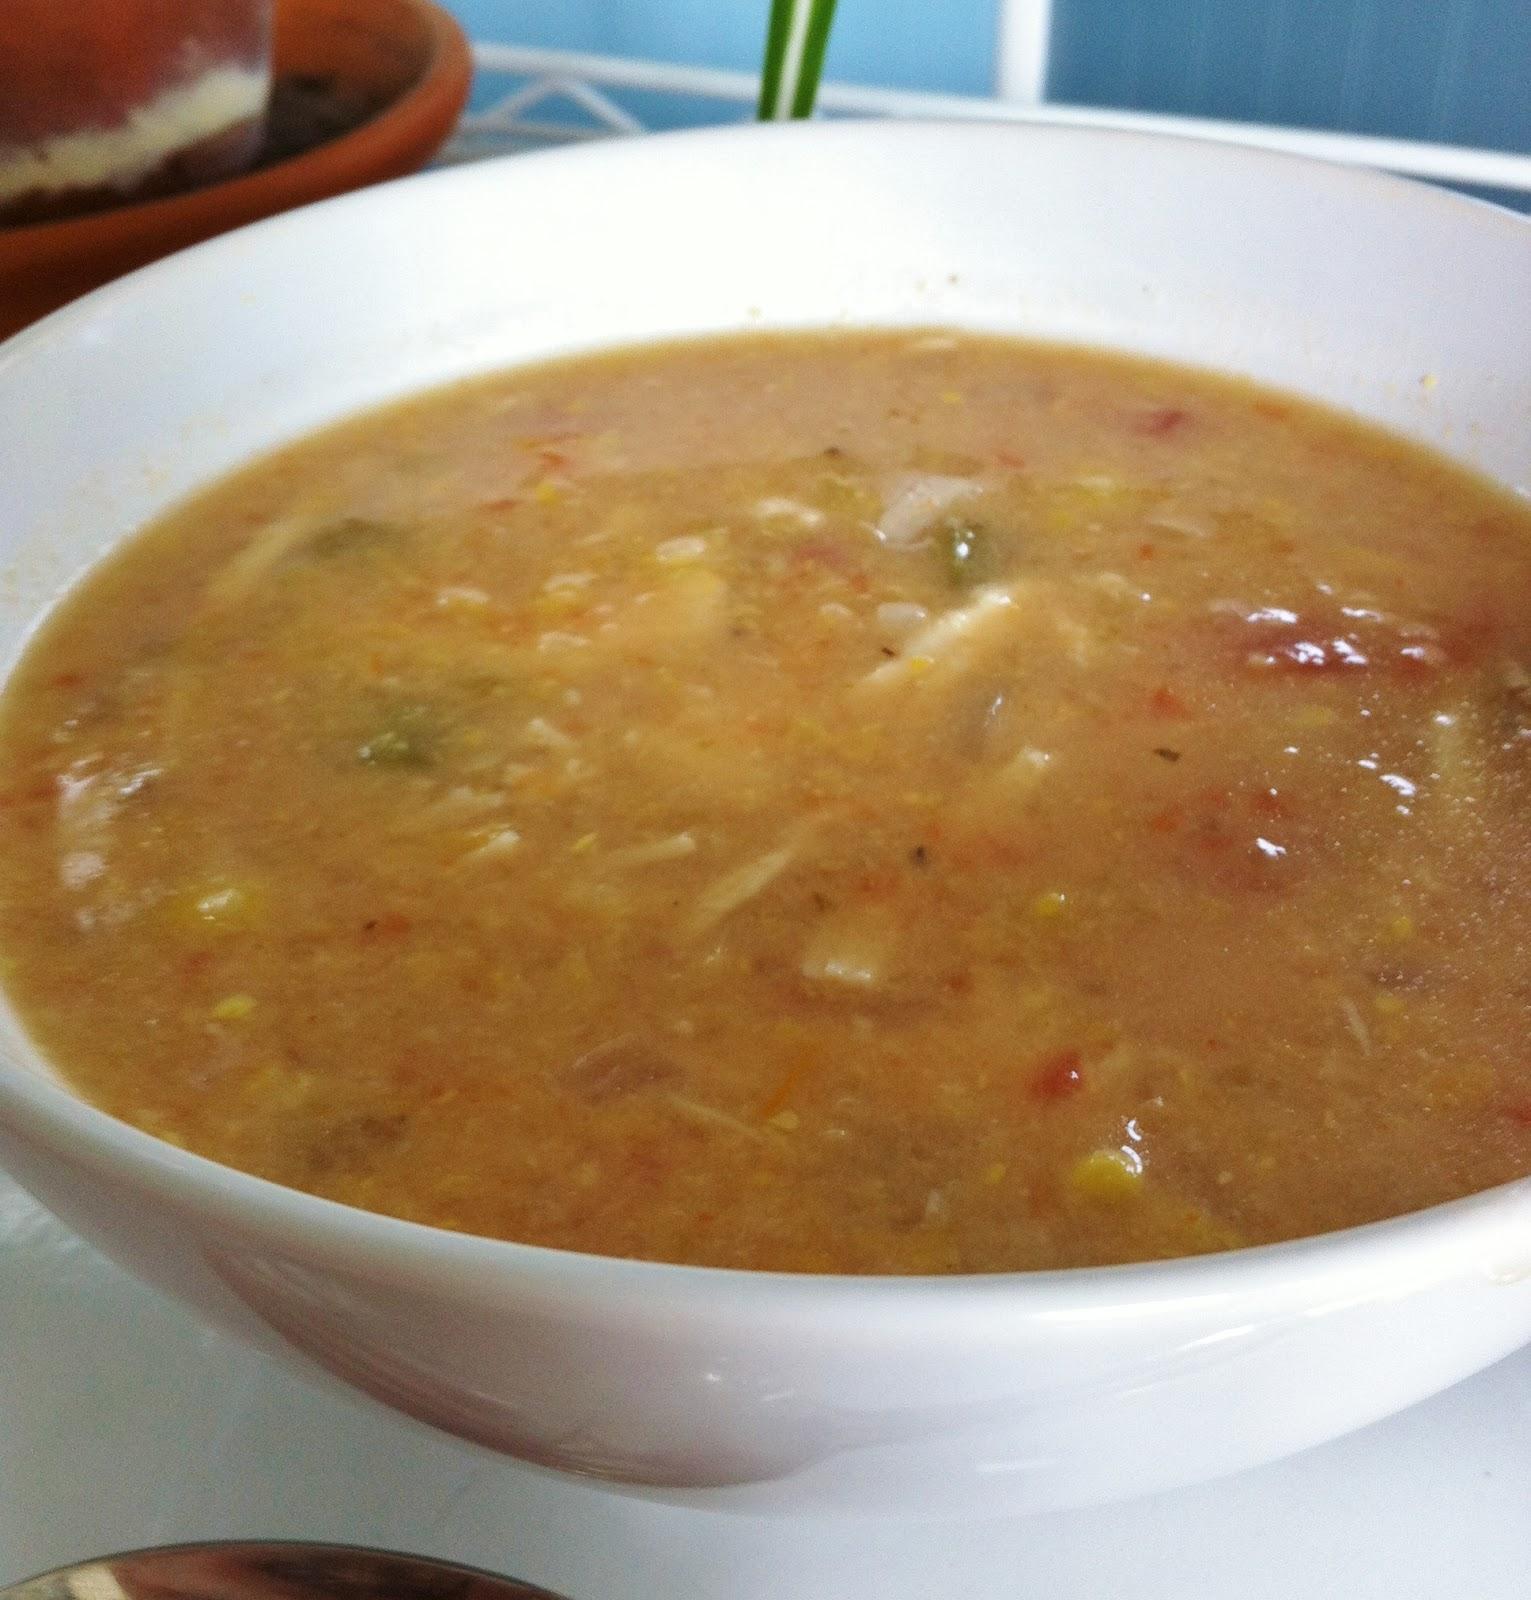 The Art of Comfort Baking: Crock Pot Chicken Tortilla Soup